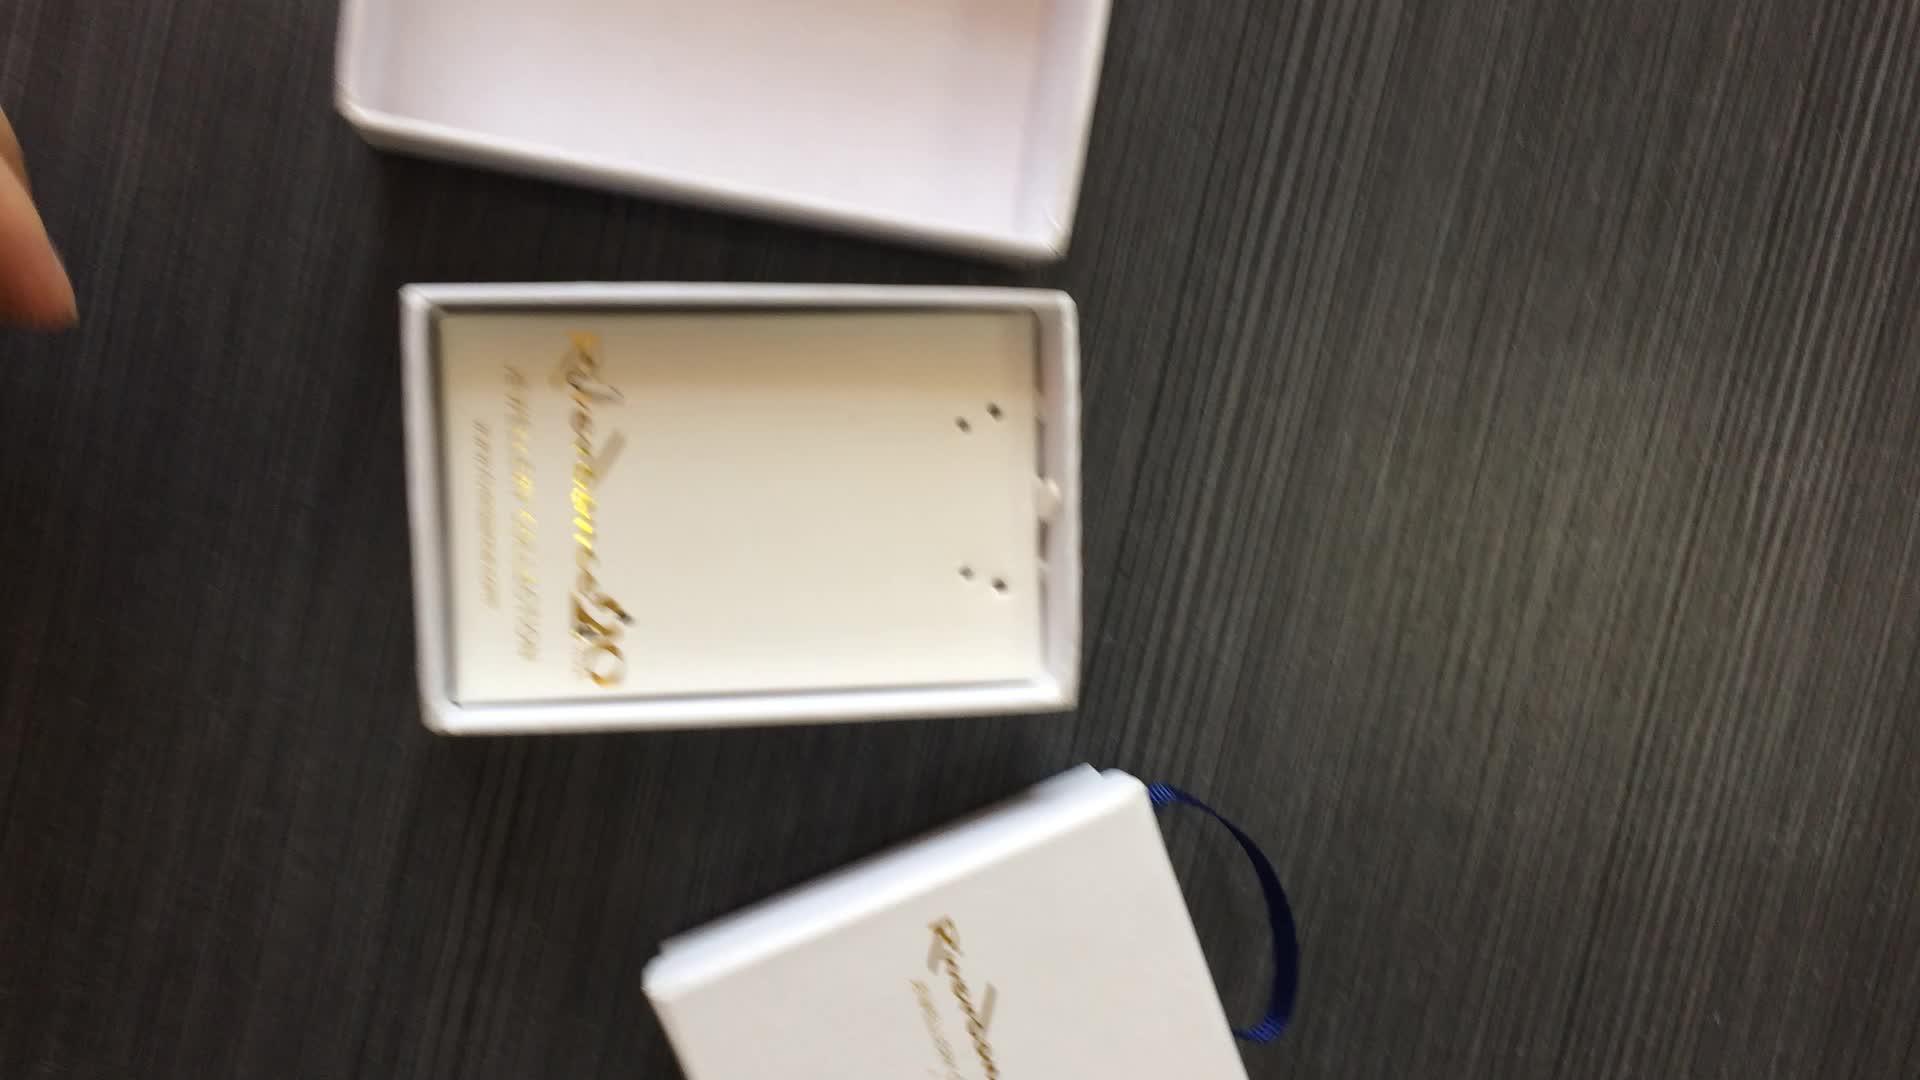 कस्टम डिजाइन सादे गत्ता कागज के गहने पैकेजिंग विंटेज काले रंग की अंगूठी बॉक्स